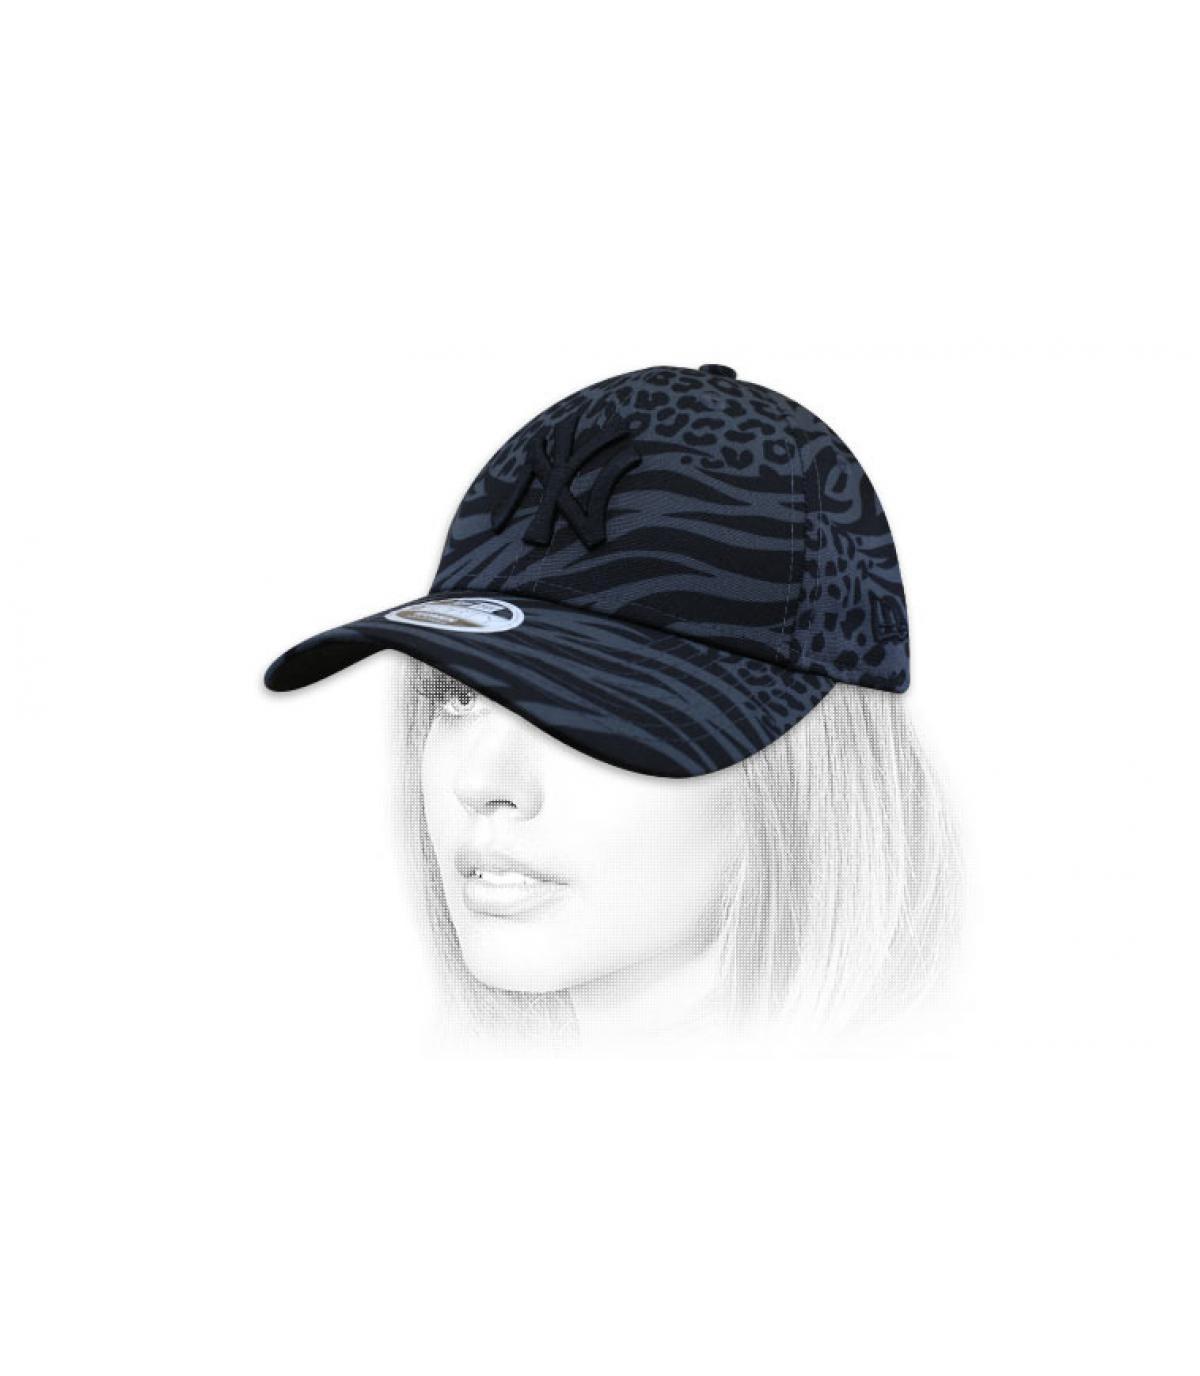 gorra mujer NY estampado